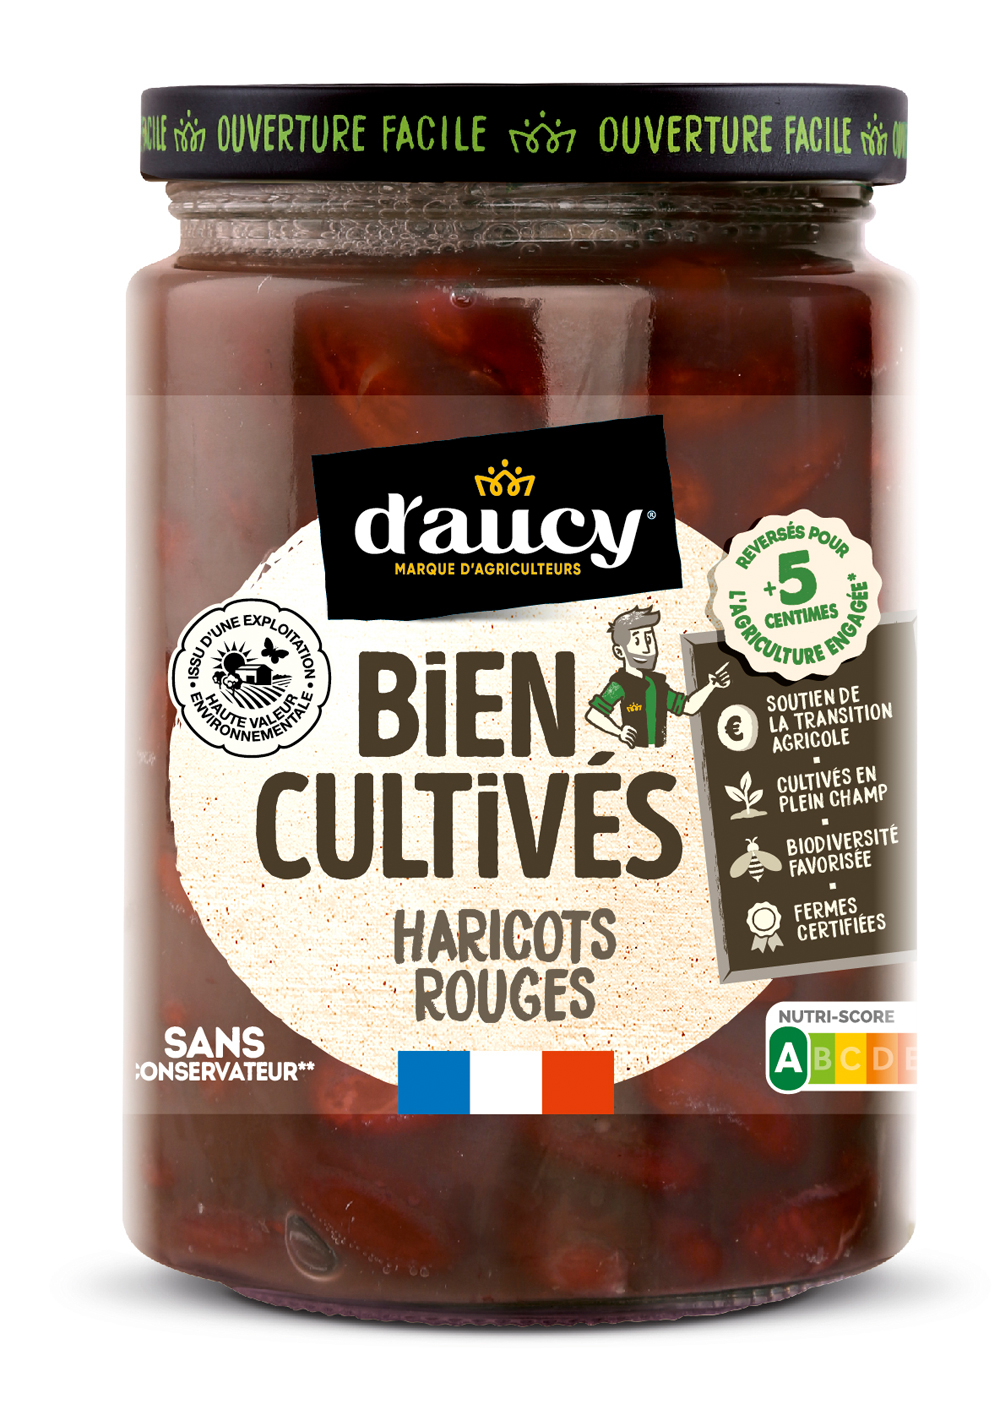 daucy03 - « Bien Cultivés » de d'aucy, la nouvelle gamme de légumes issus d'exploitations certifiées H.V.E.